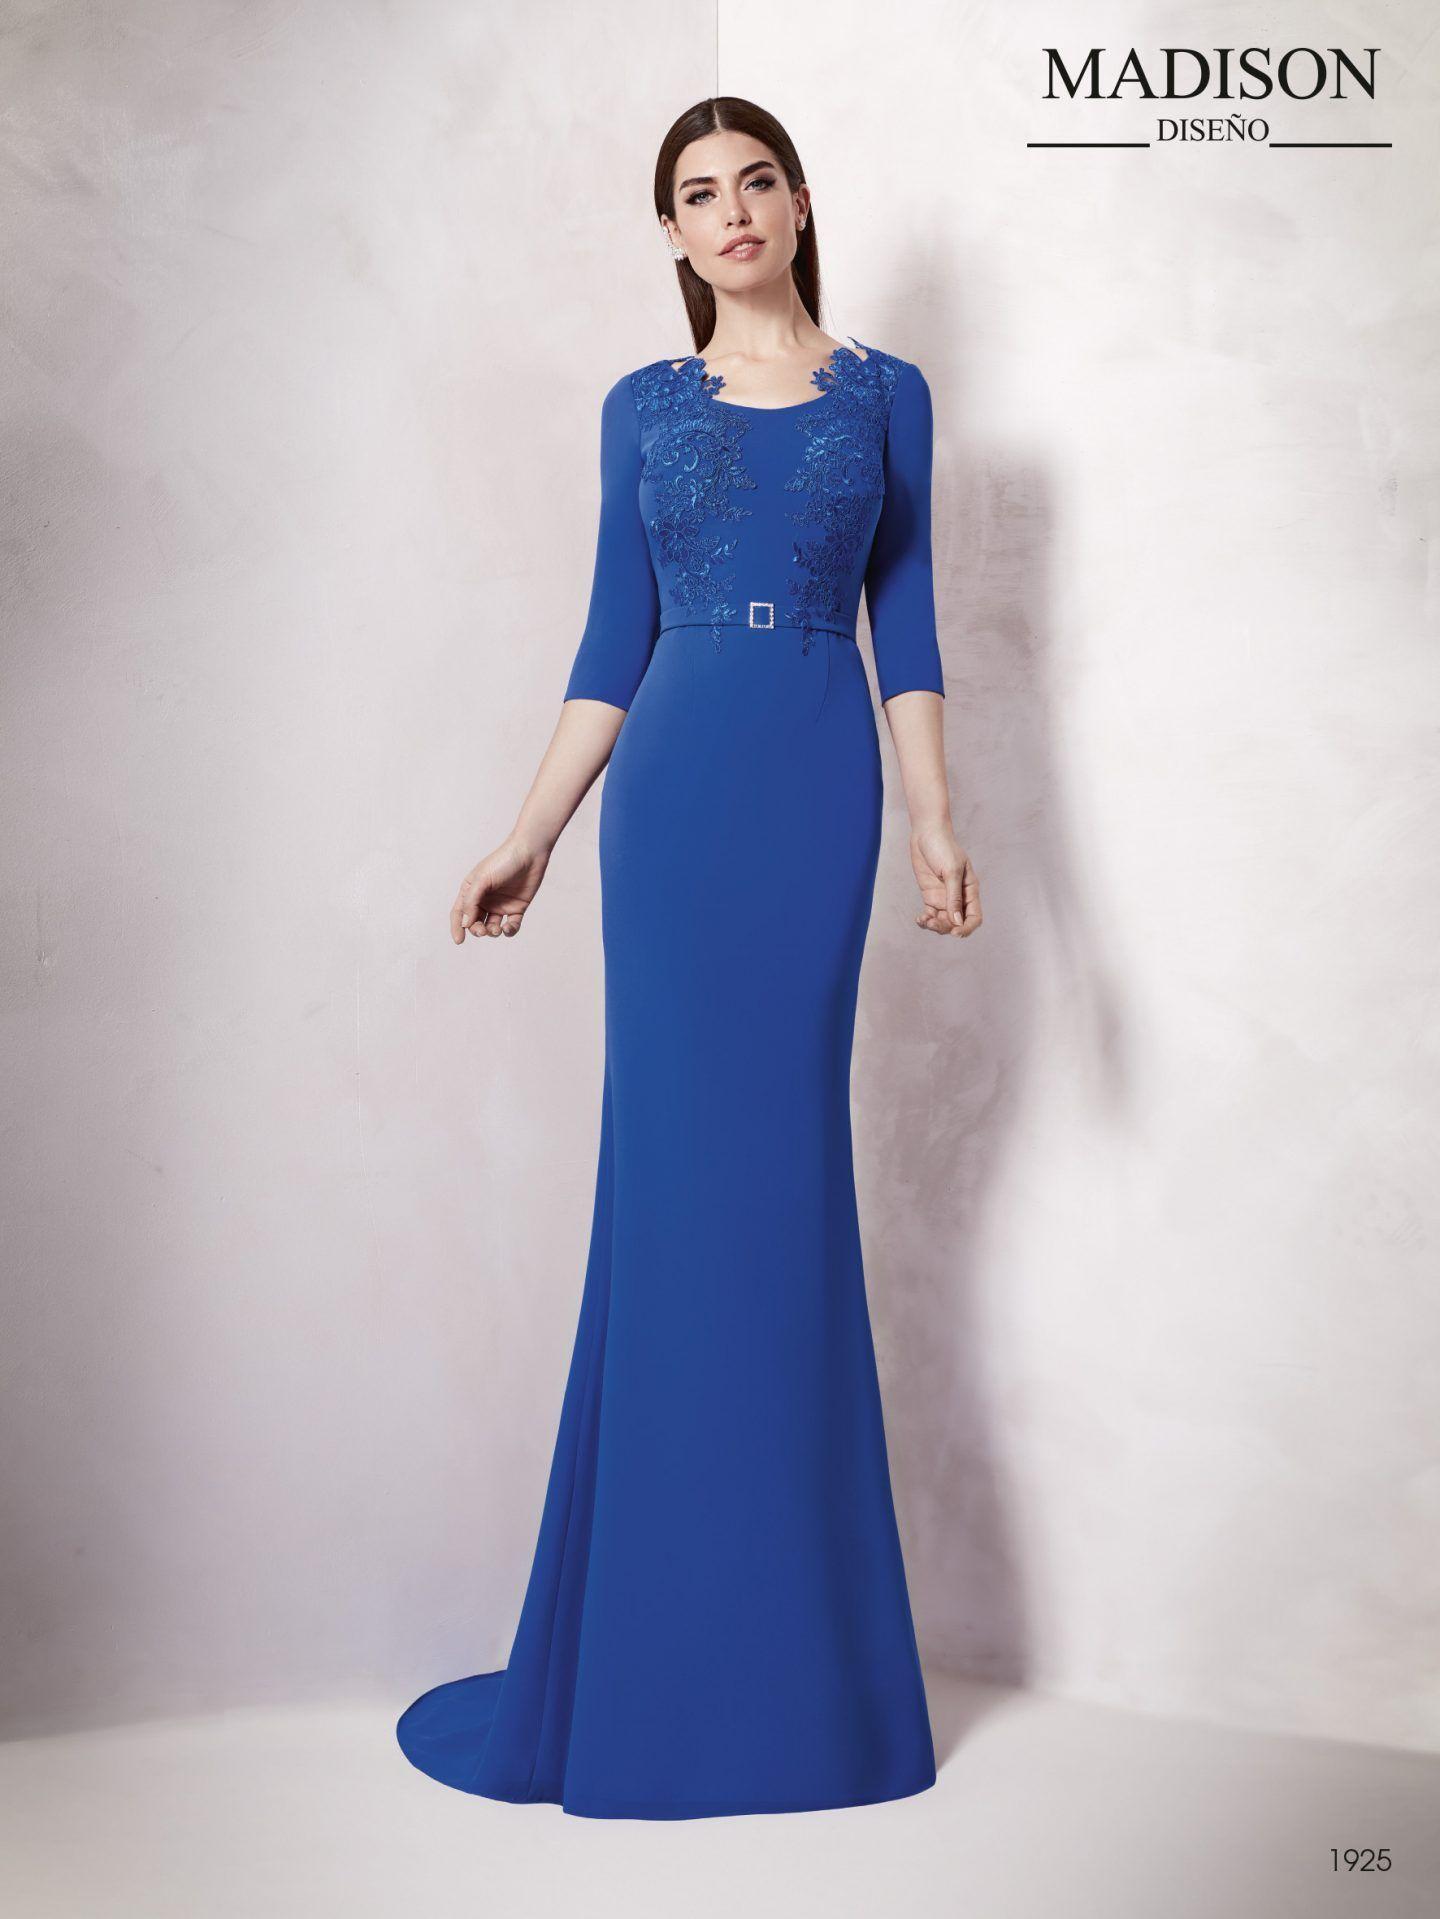 d9195a7c2 Vestido de fiesta largo para aquellas madrinas de boda que apuestan por un  vestido de líneas sencillas con detalles que aportan exclusividad